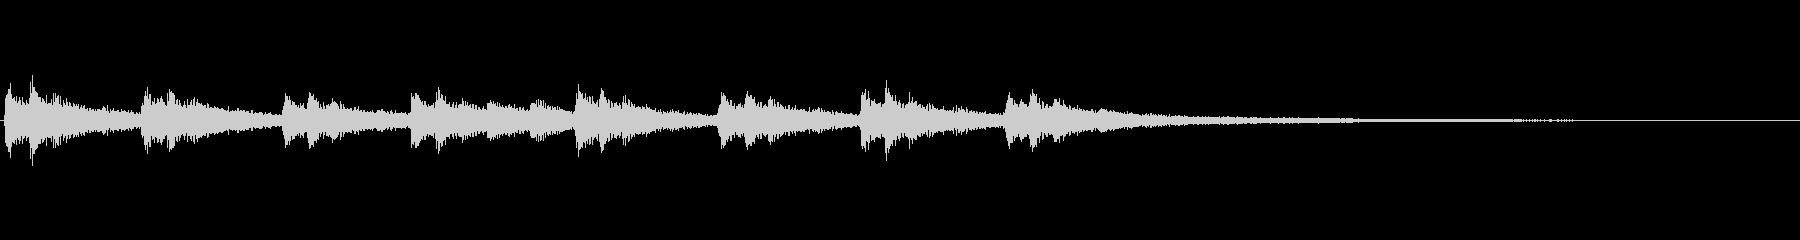 不安定、不可解、不気味なピアノソロ 19の未再生の波形